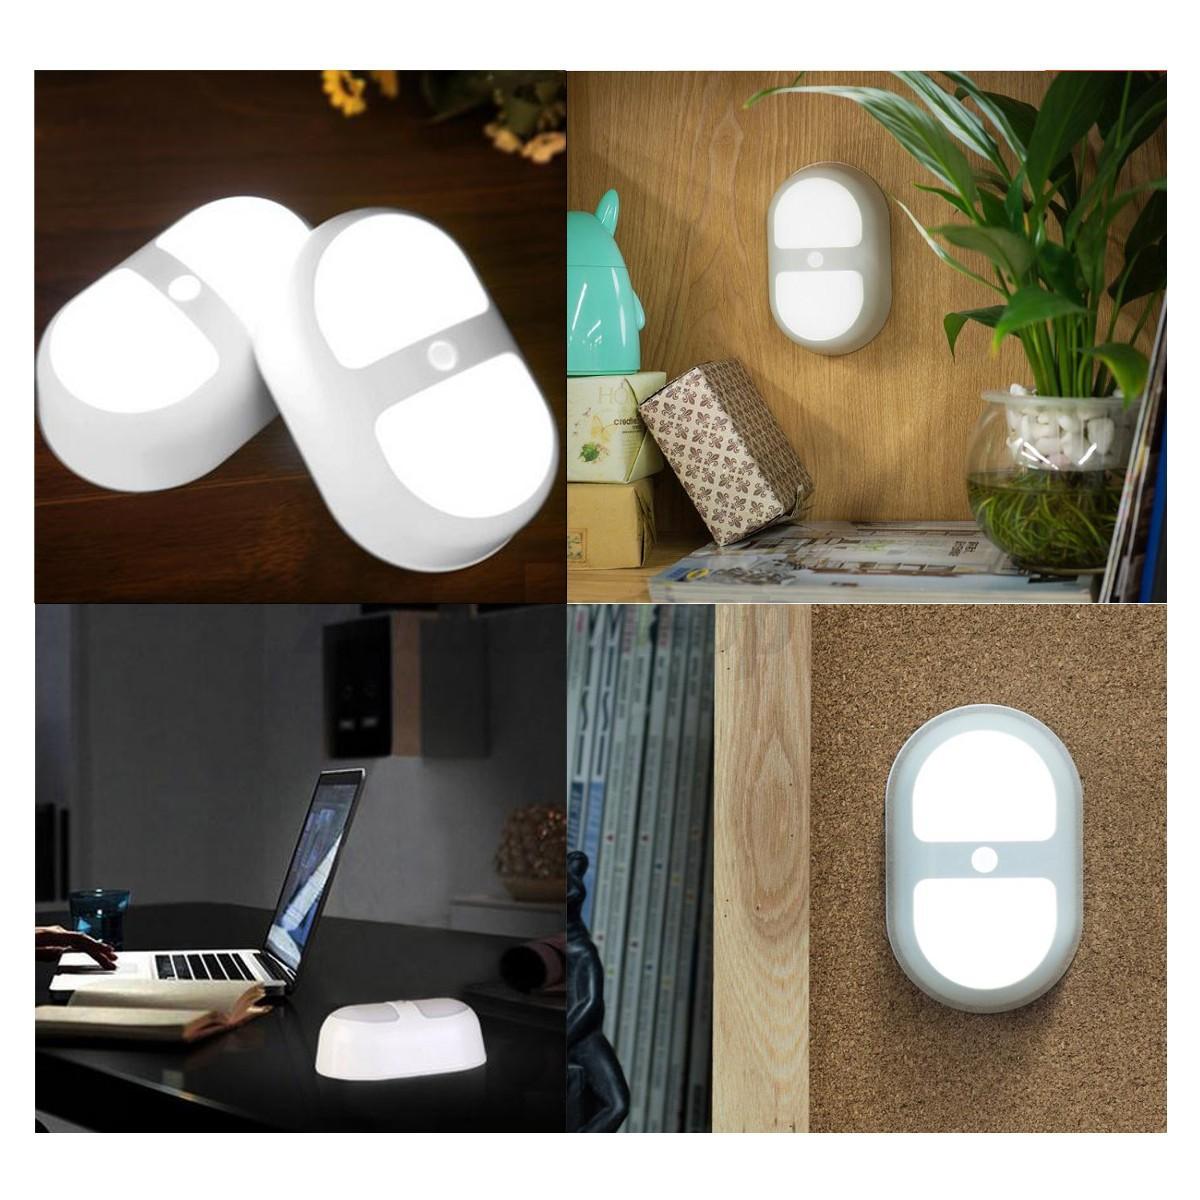 Wall Lights For Bedroom Amazon Download Bedroom Lighting